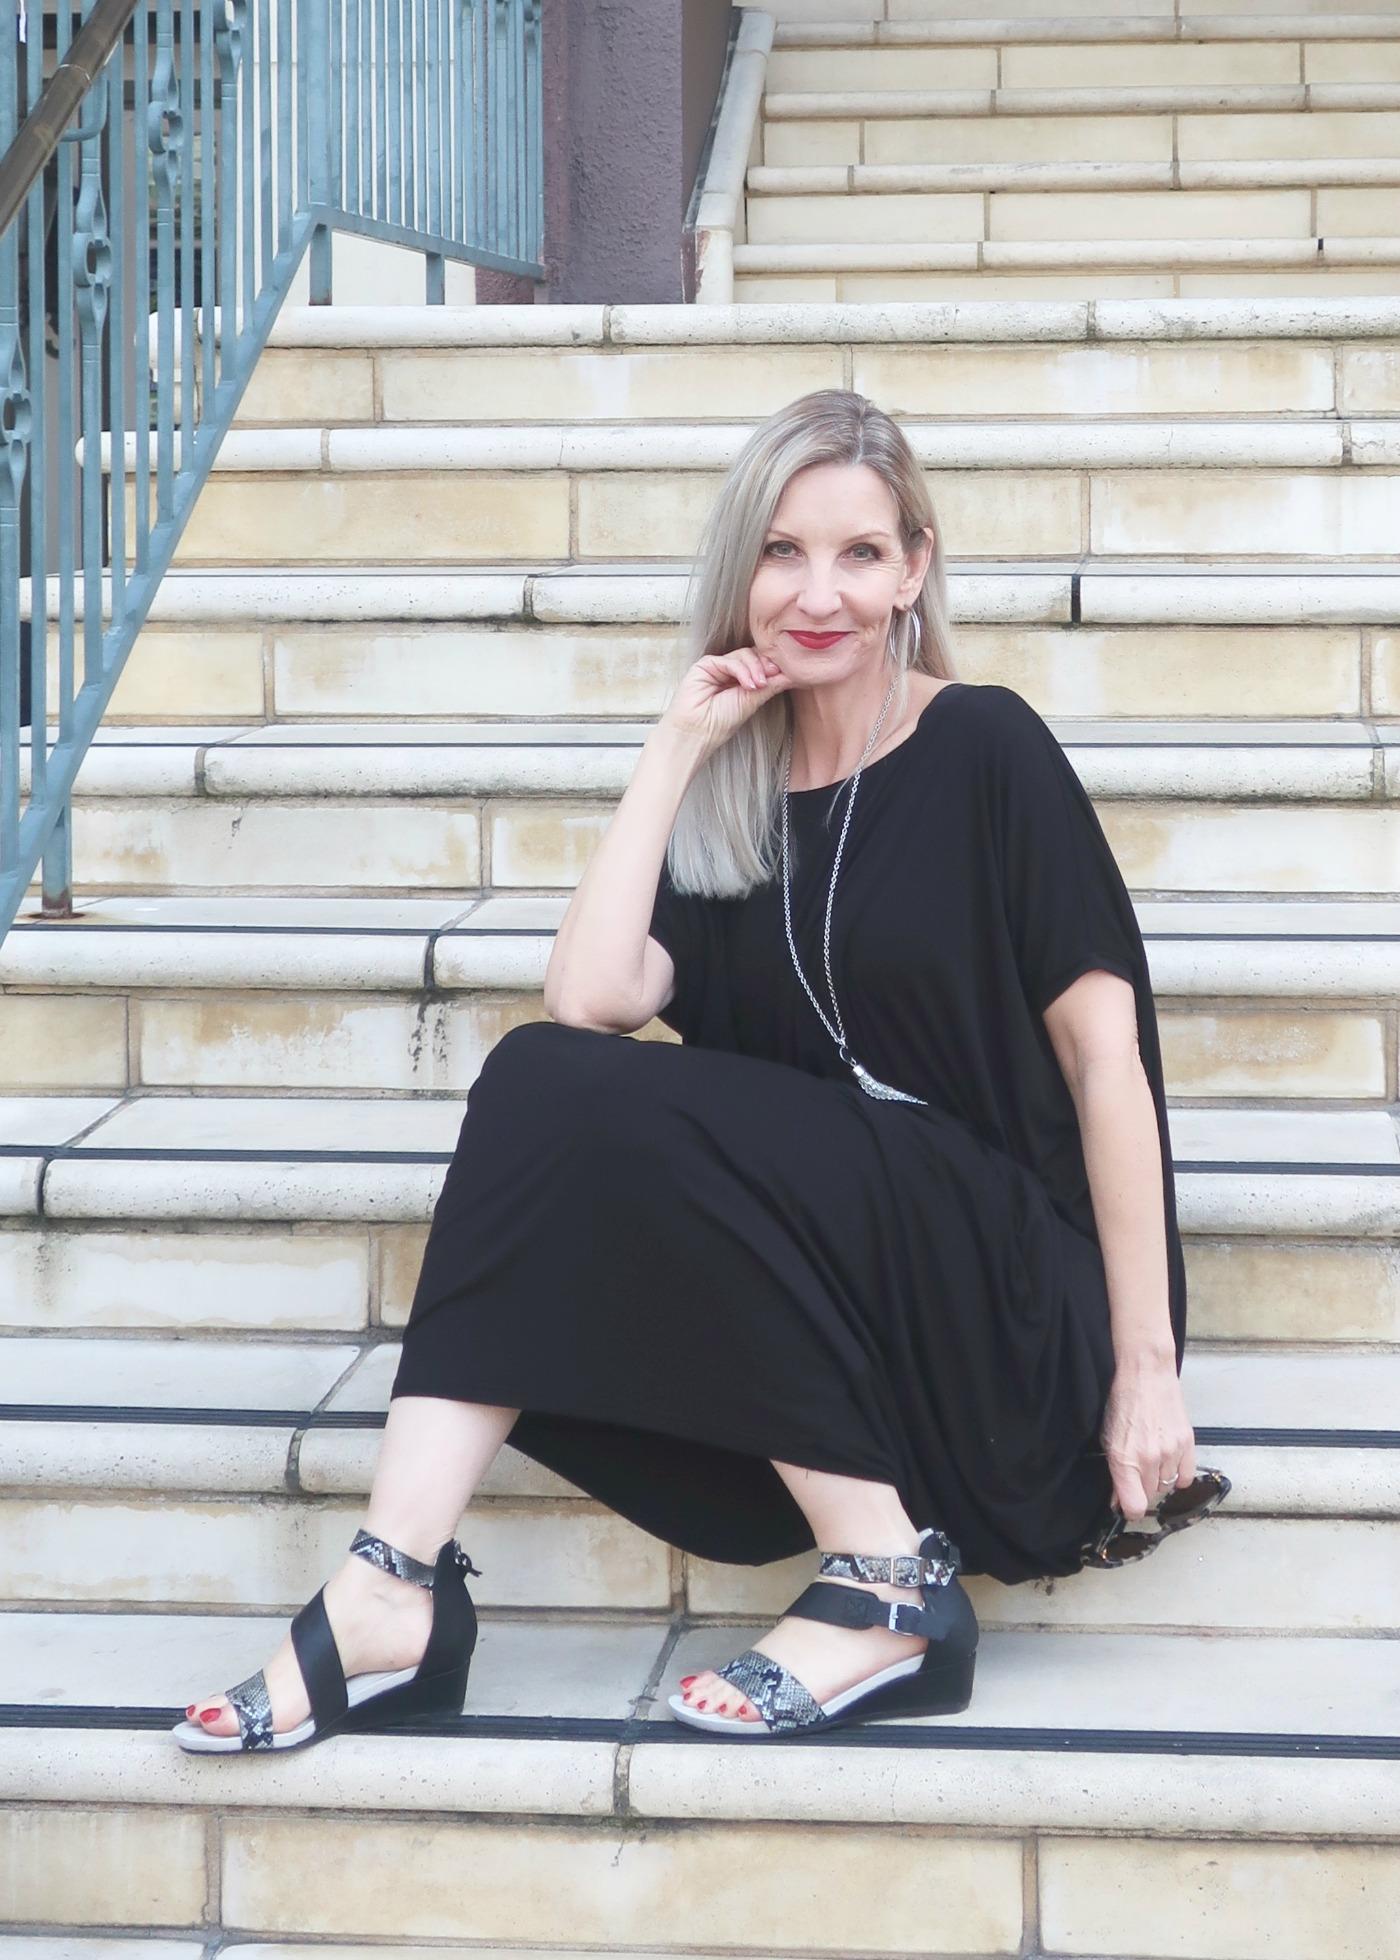 Jambu Capri Sandals Review